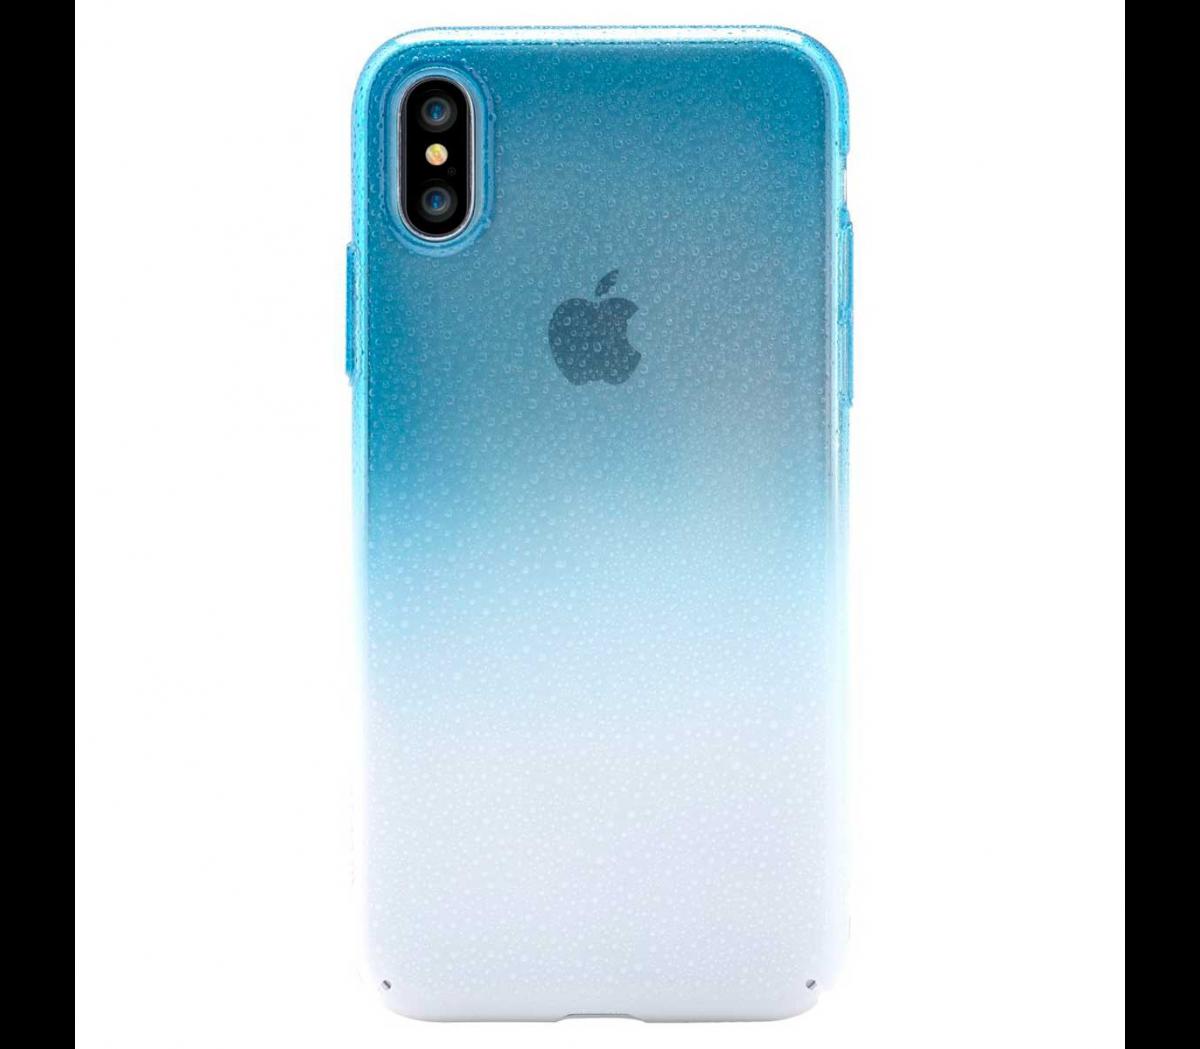 Чехол-накладка Devia Amber case для Apple iPhone X (10) силиконовый blue (300844)для iPhone X<br>Чехол-накладка Devia Amber case для Apple iPhone X (10) силиконовый blue (300844)<br>